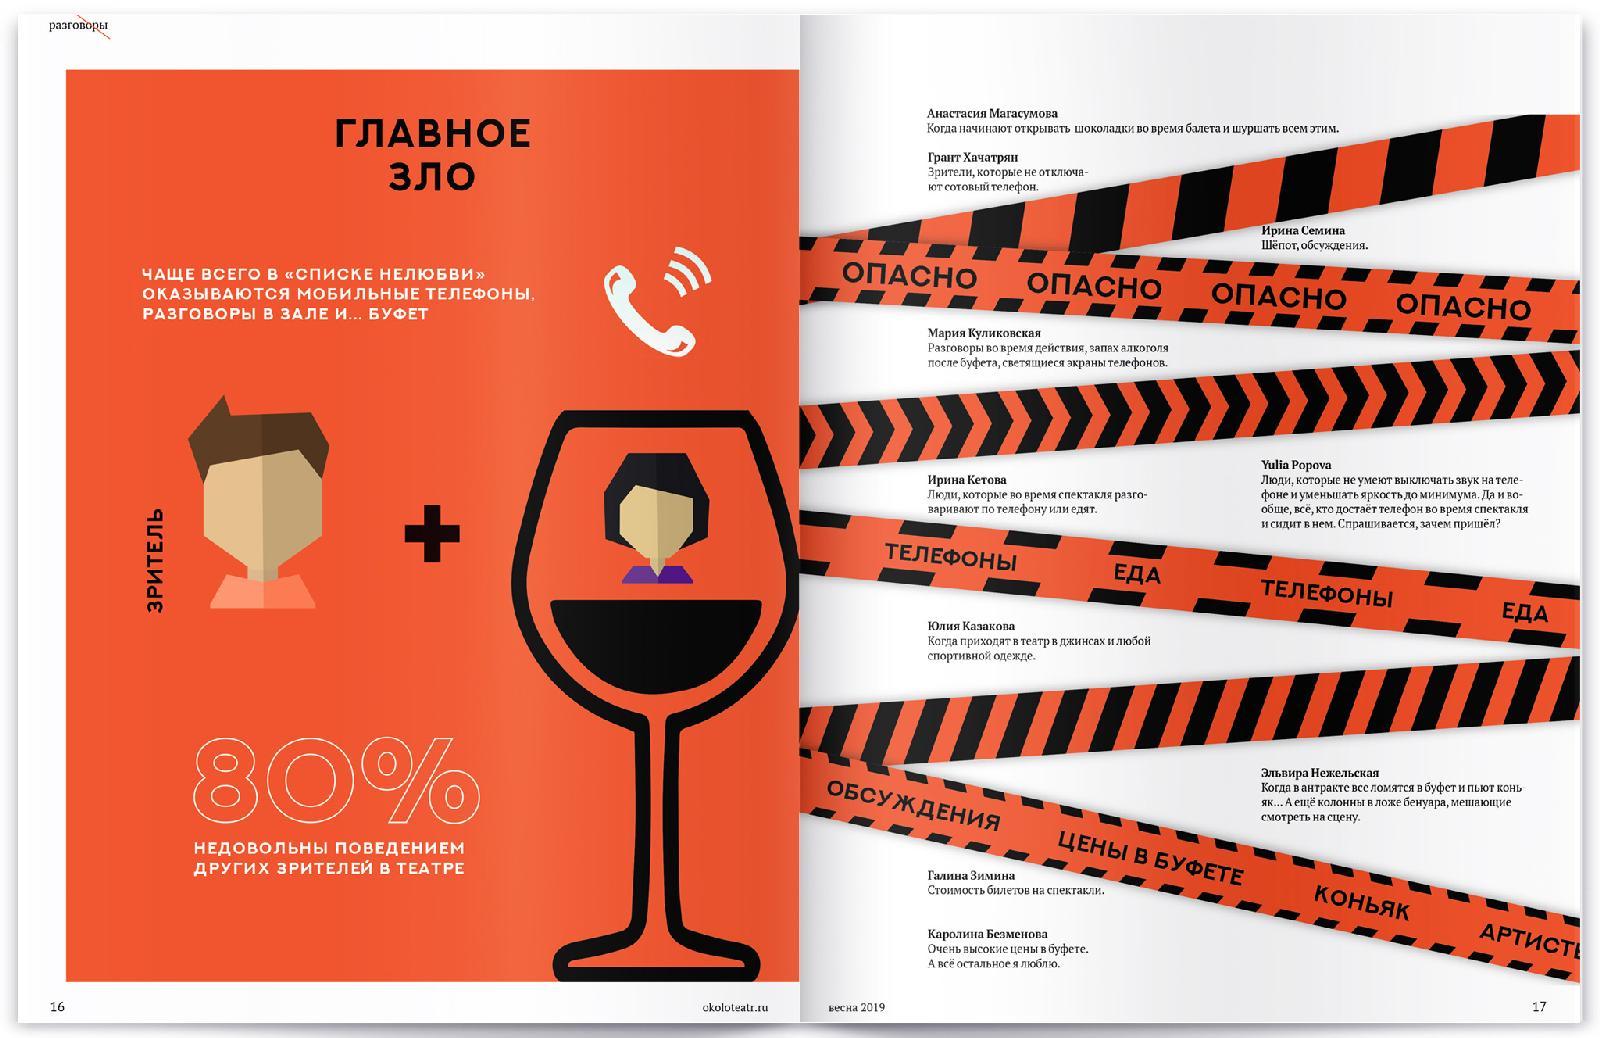 Проект Анастасии Волжаниновой — журнал об искусстве ARTSY. Разворот